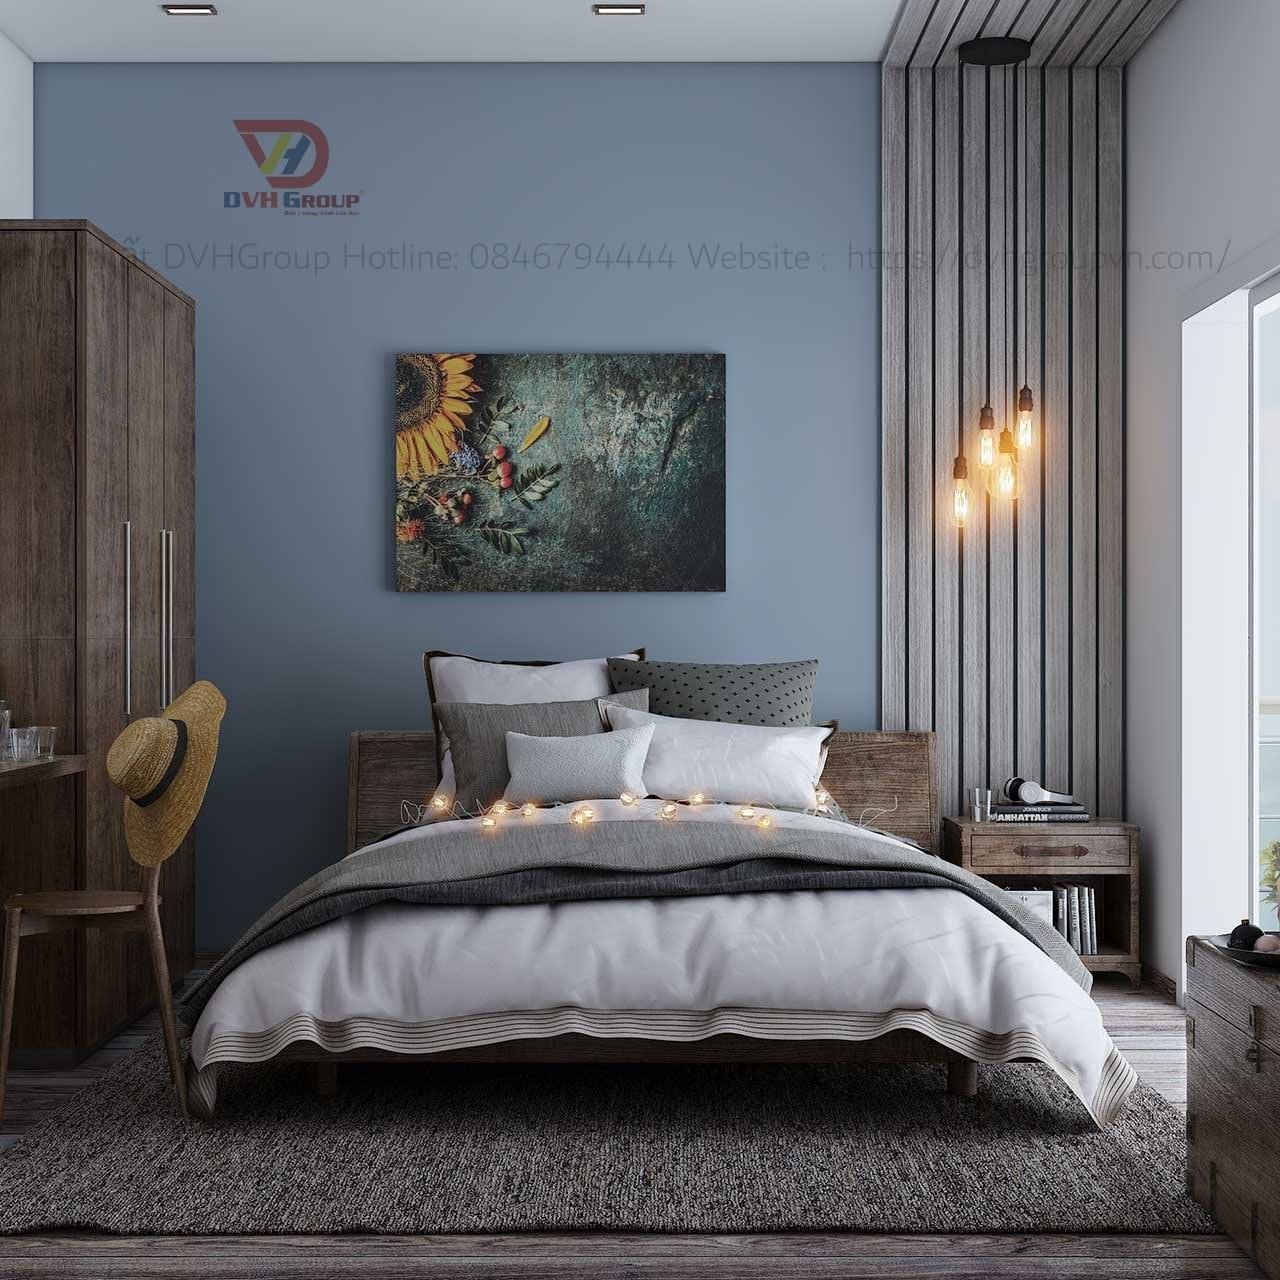 Thiết kế nội thất căn hộ chung cư - Phòng ngủ